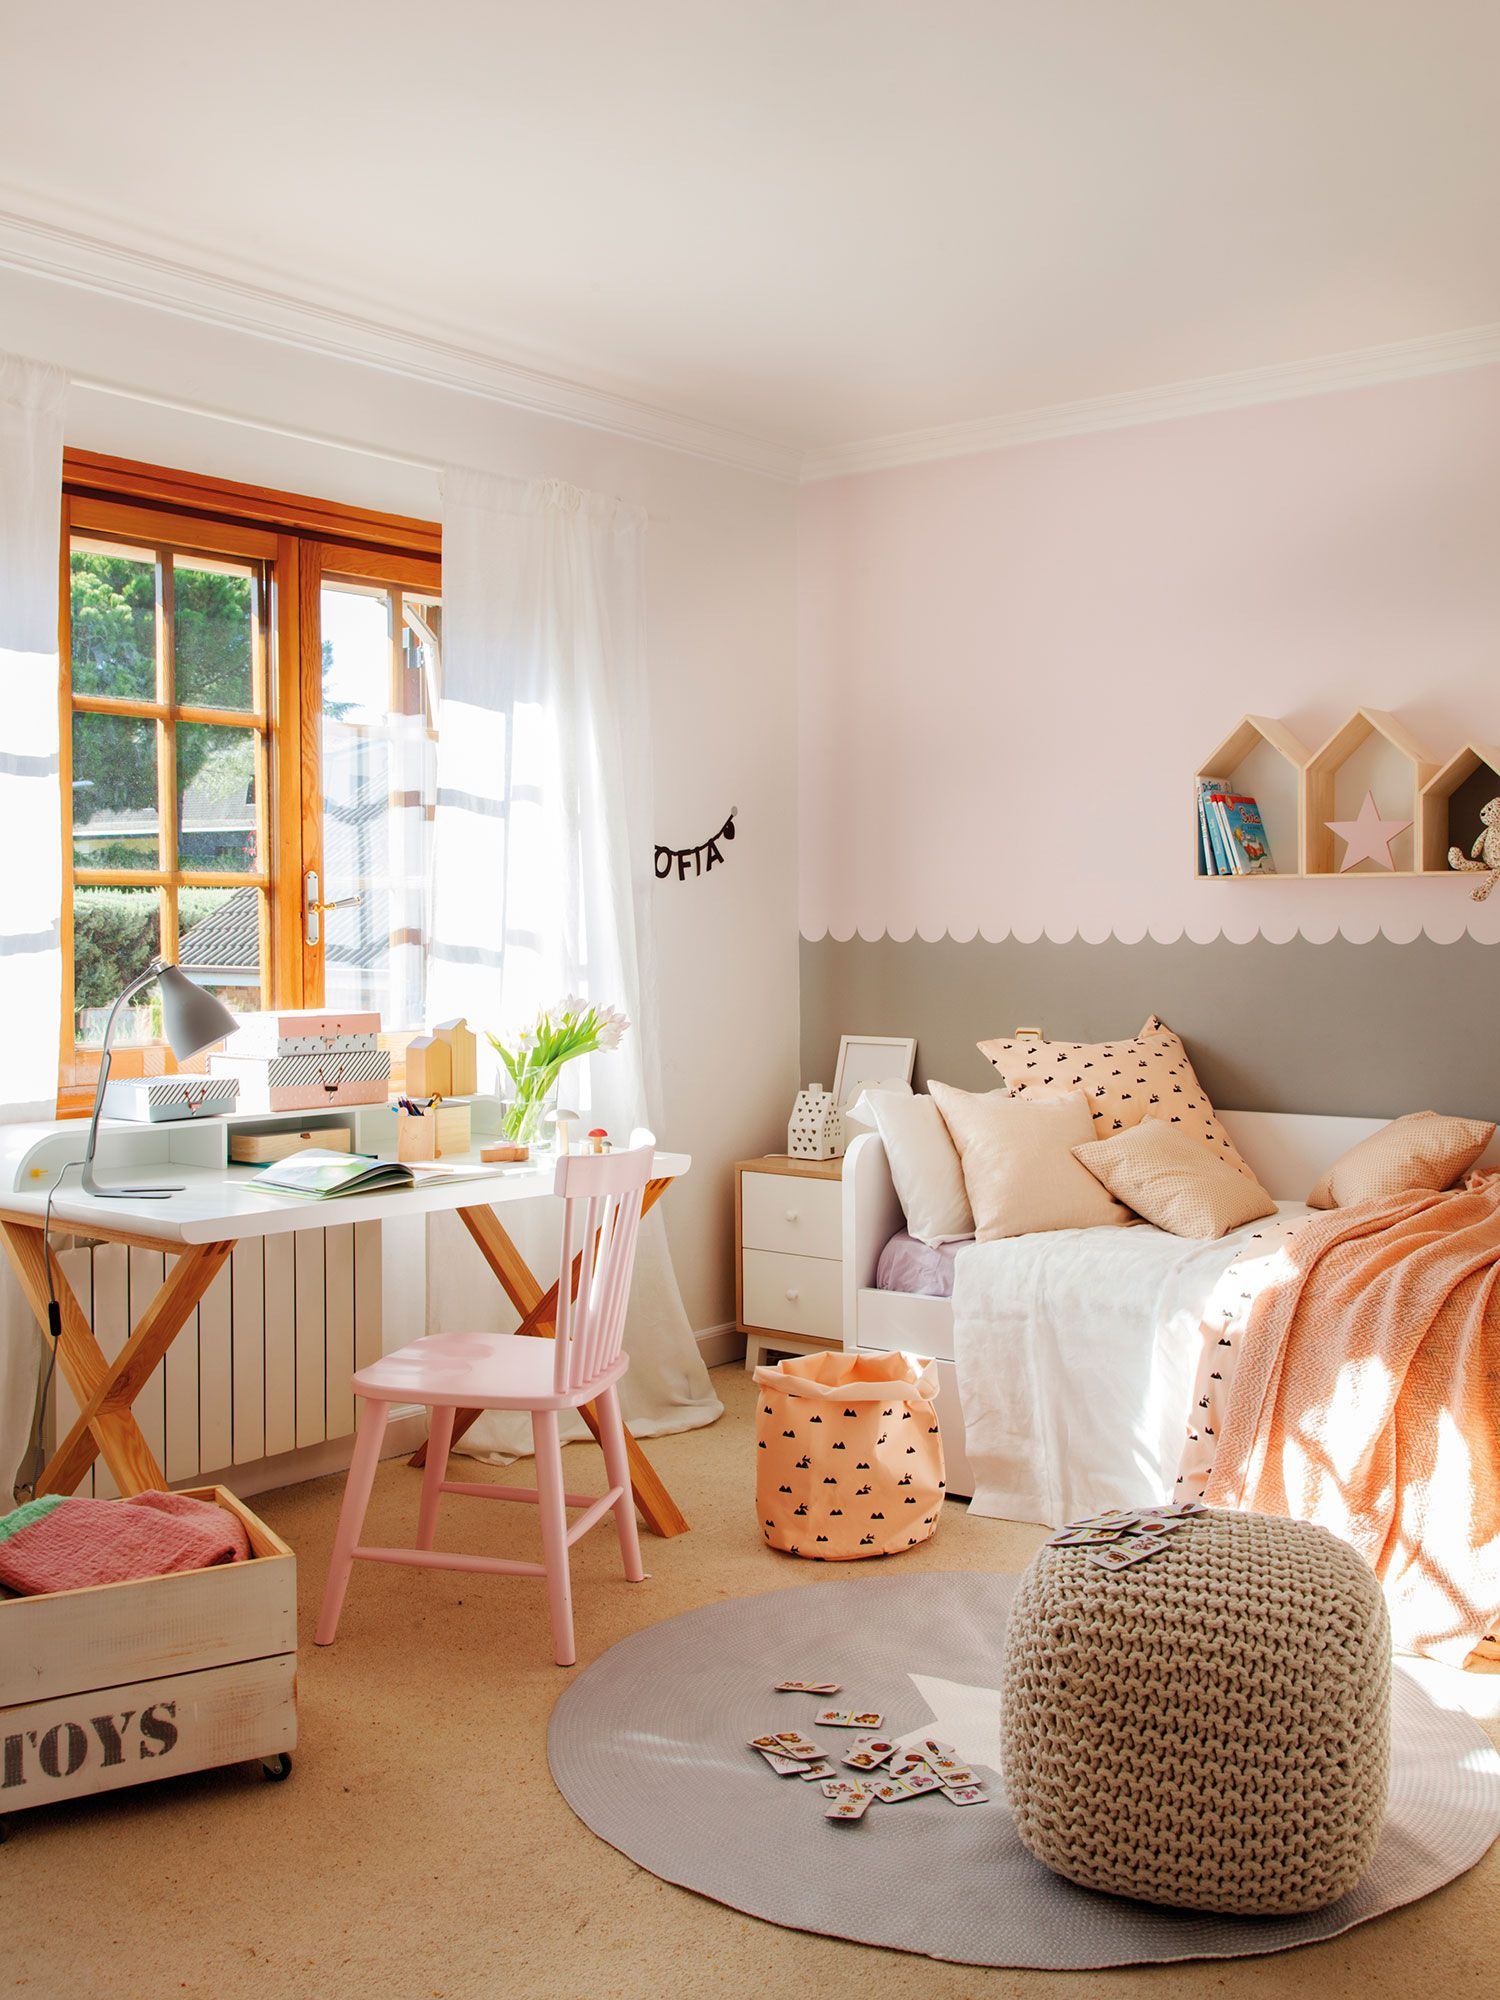 Dormitorio infantil con cama arrimada a la pared y escritorio debajo ...